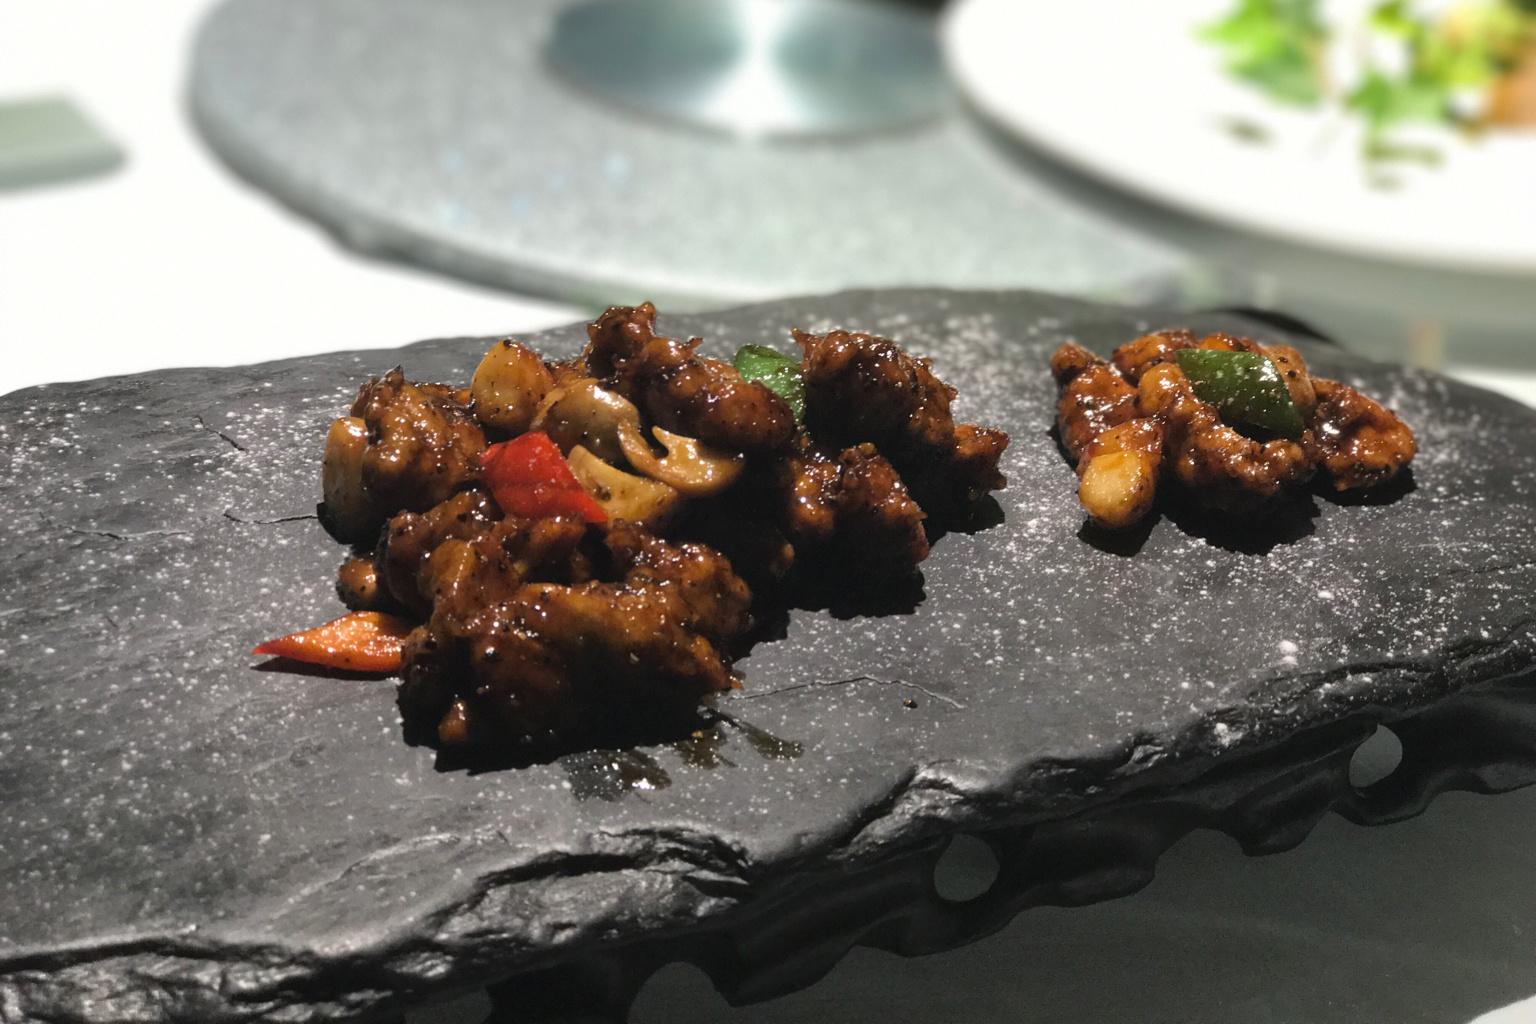 非洲木耳逼_这道菜采用珍贵的锻木香菇,武夷木耳,搭配五夫莲子,烟笋,口味属于咸